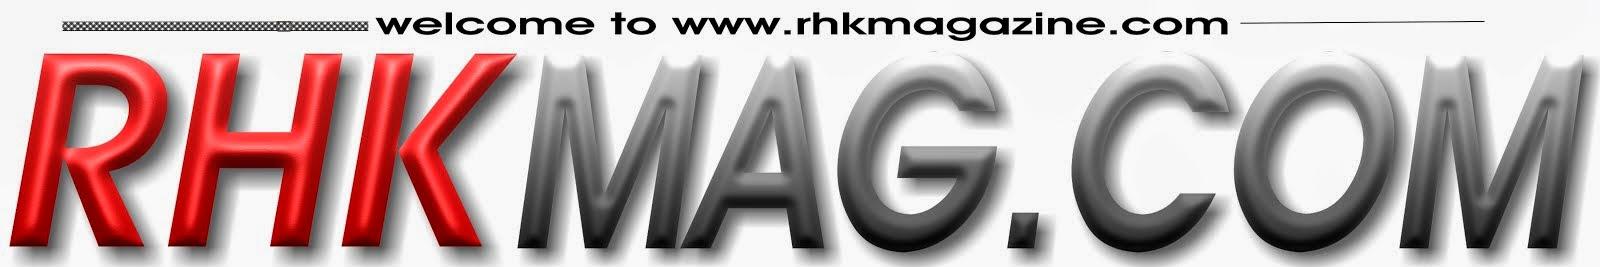 RHK-MAG.COM